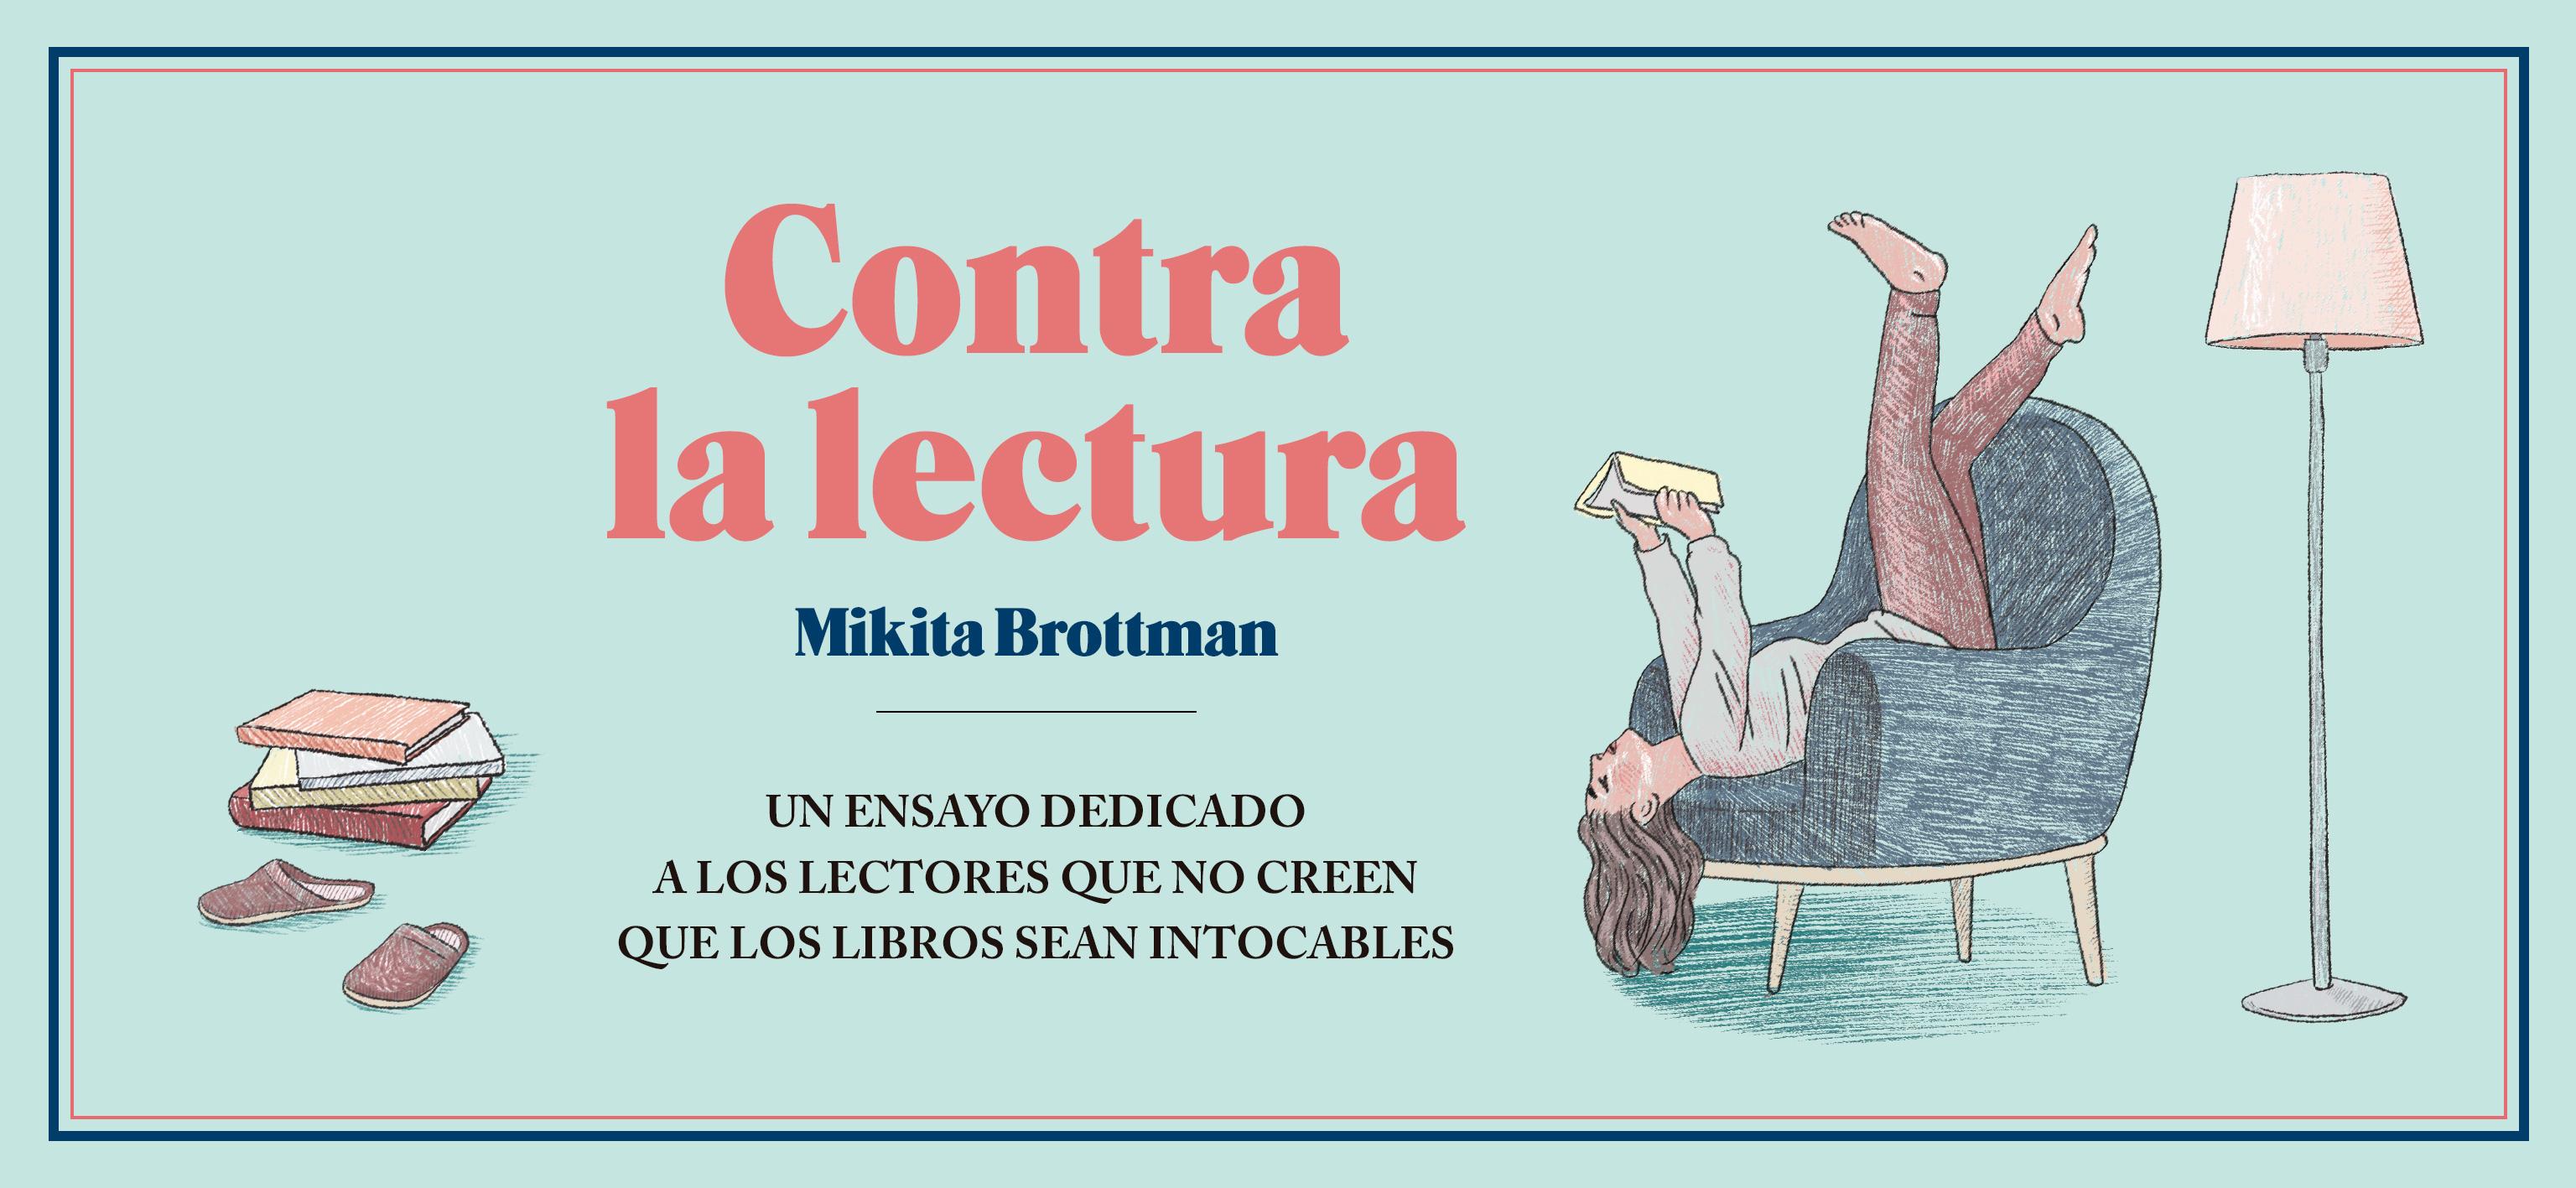 Contra la Lectura. Mikita Brottman. Blackie Books 2018